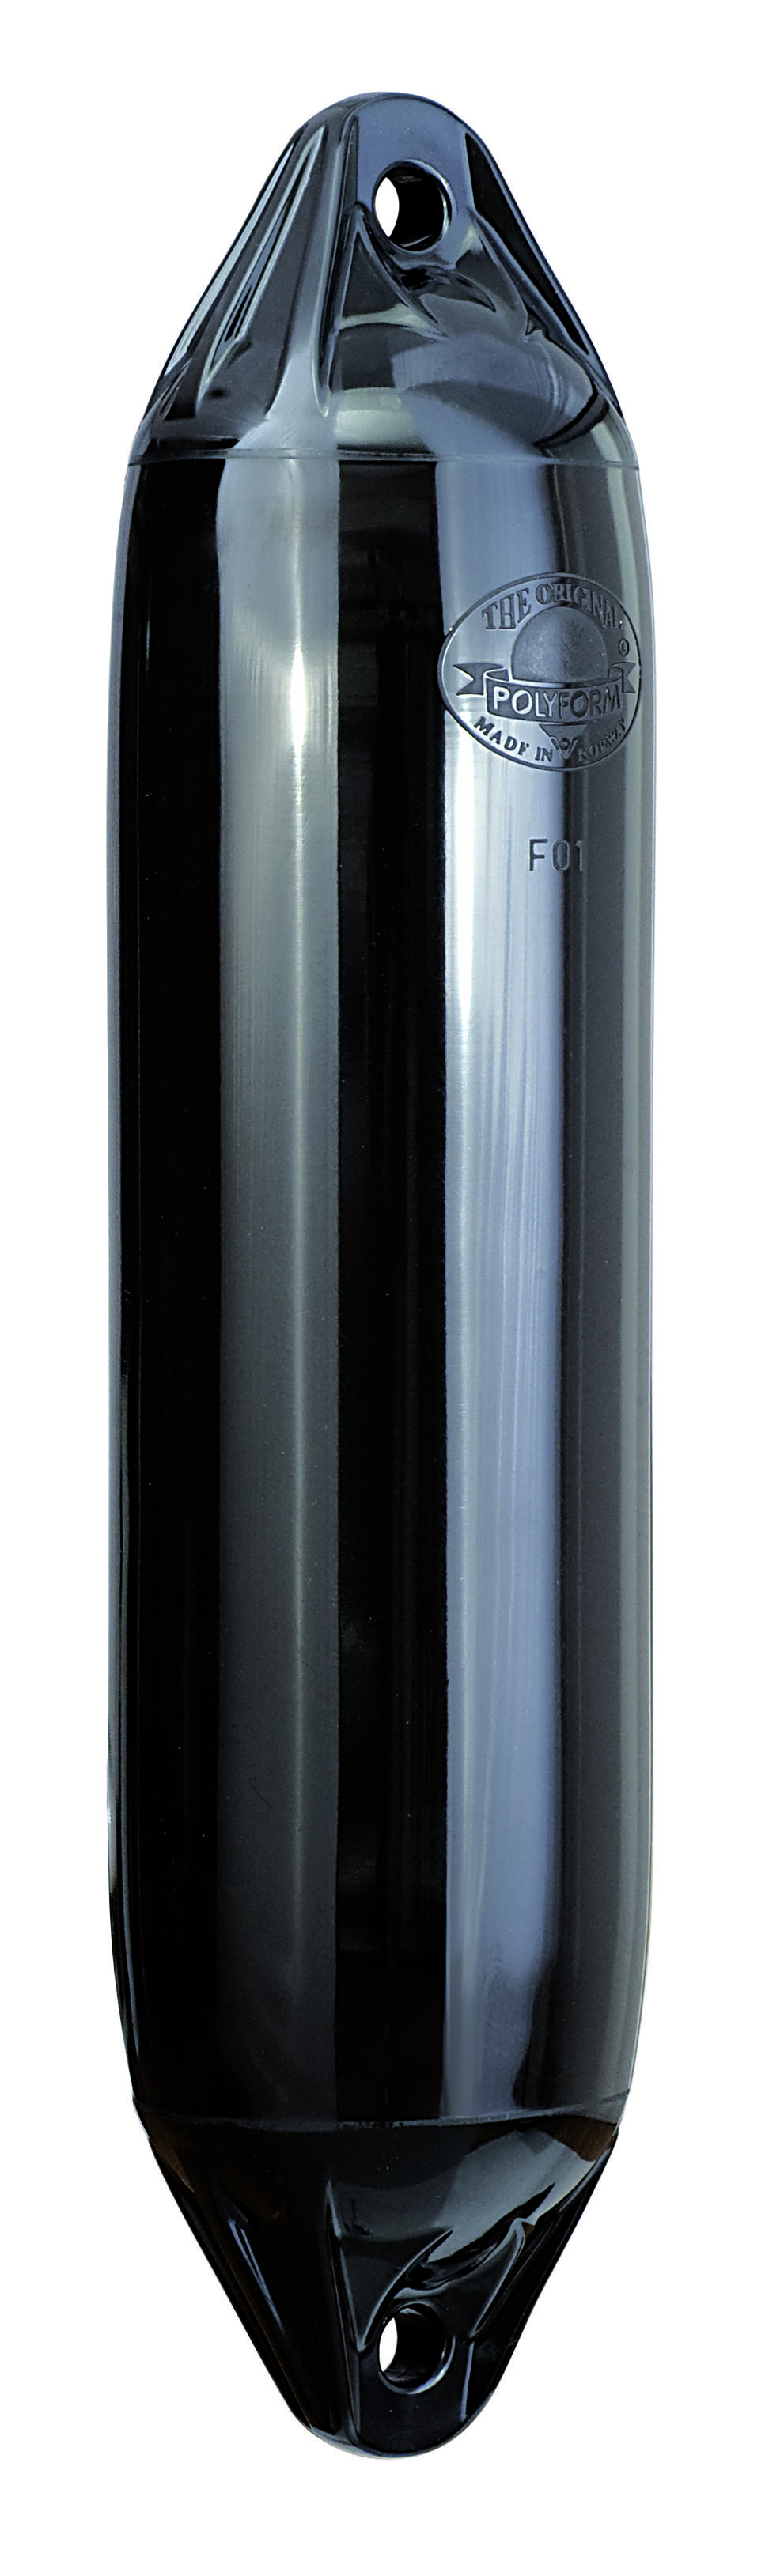 65.47 - Μπαλόνι Τύπου F-5 POLYFORM 29x77,5cm Με Διπλό Μάτι Χρώμα Μαύρο